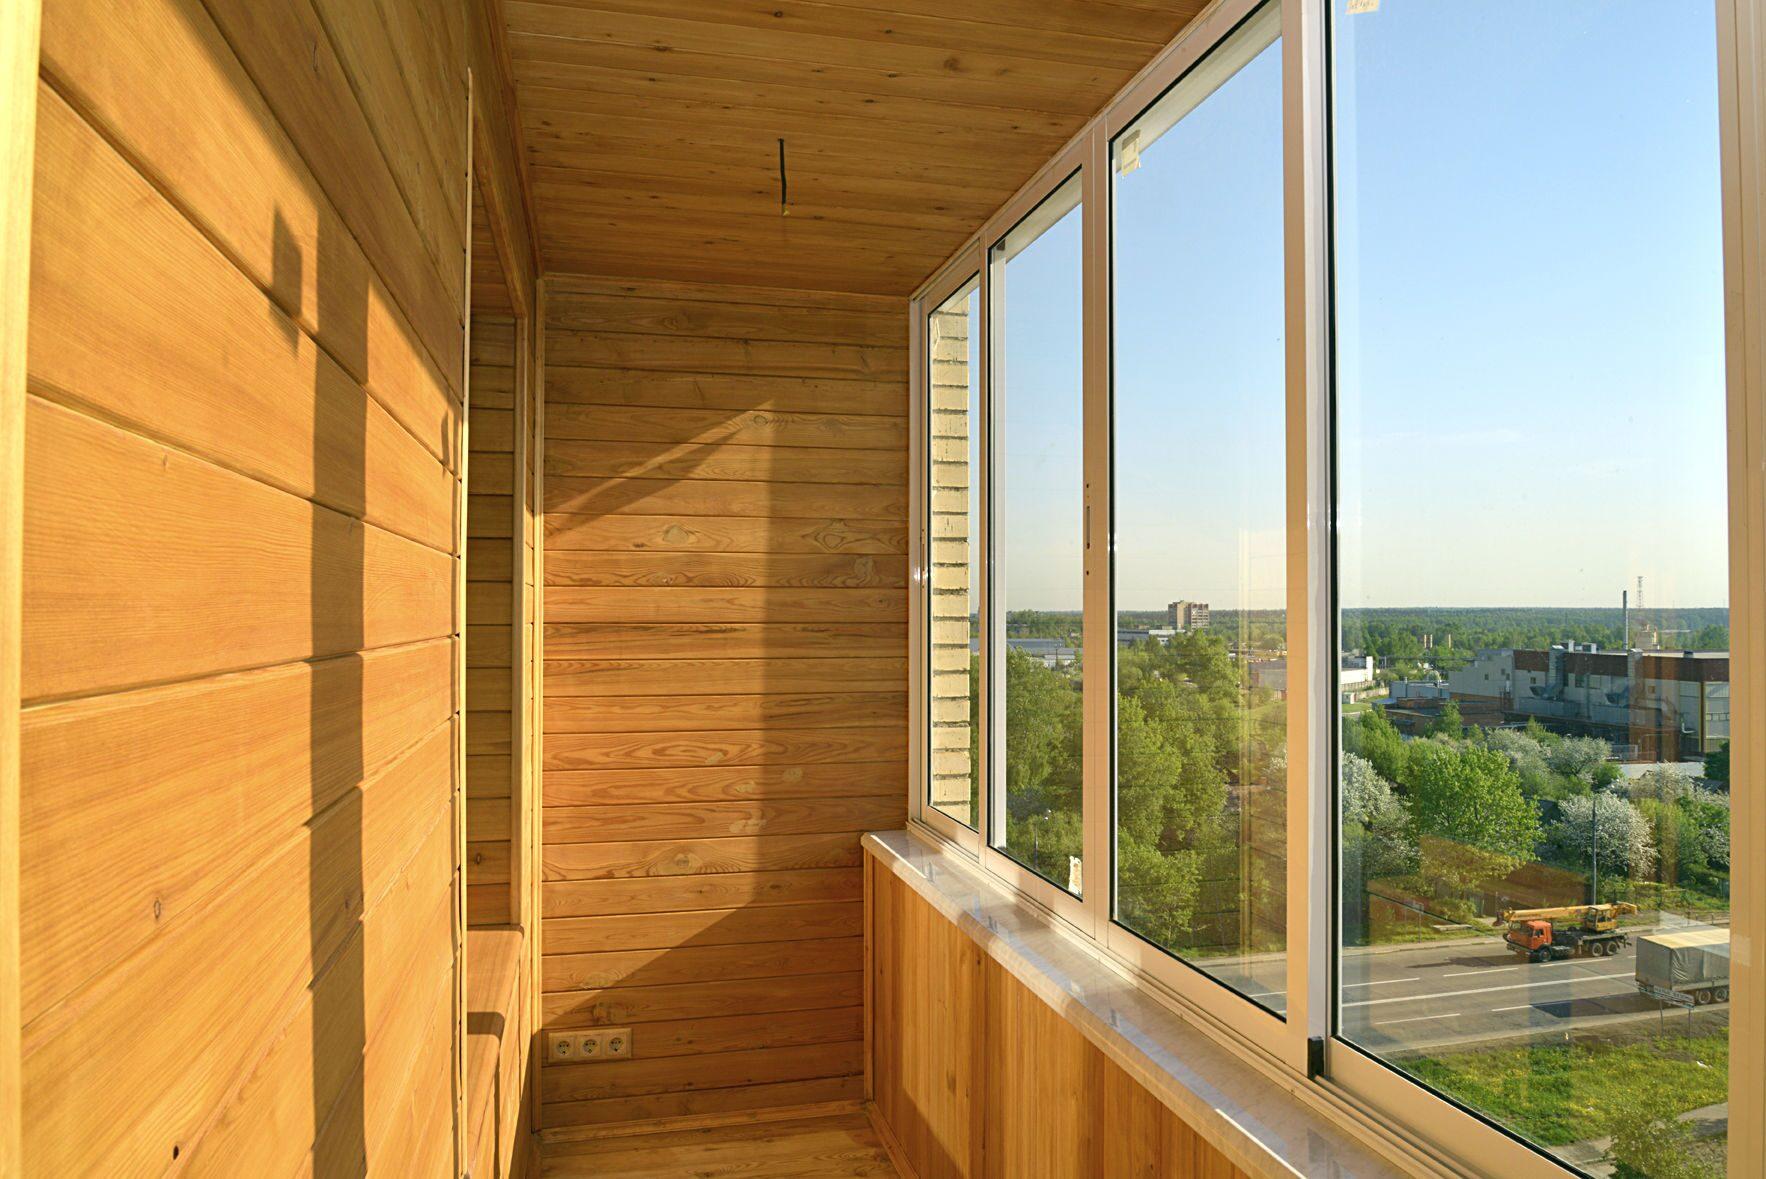 Внутренняя отделка балконов и лоджий: материалы и монтаж.